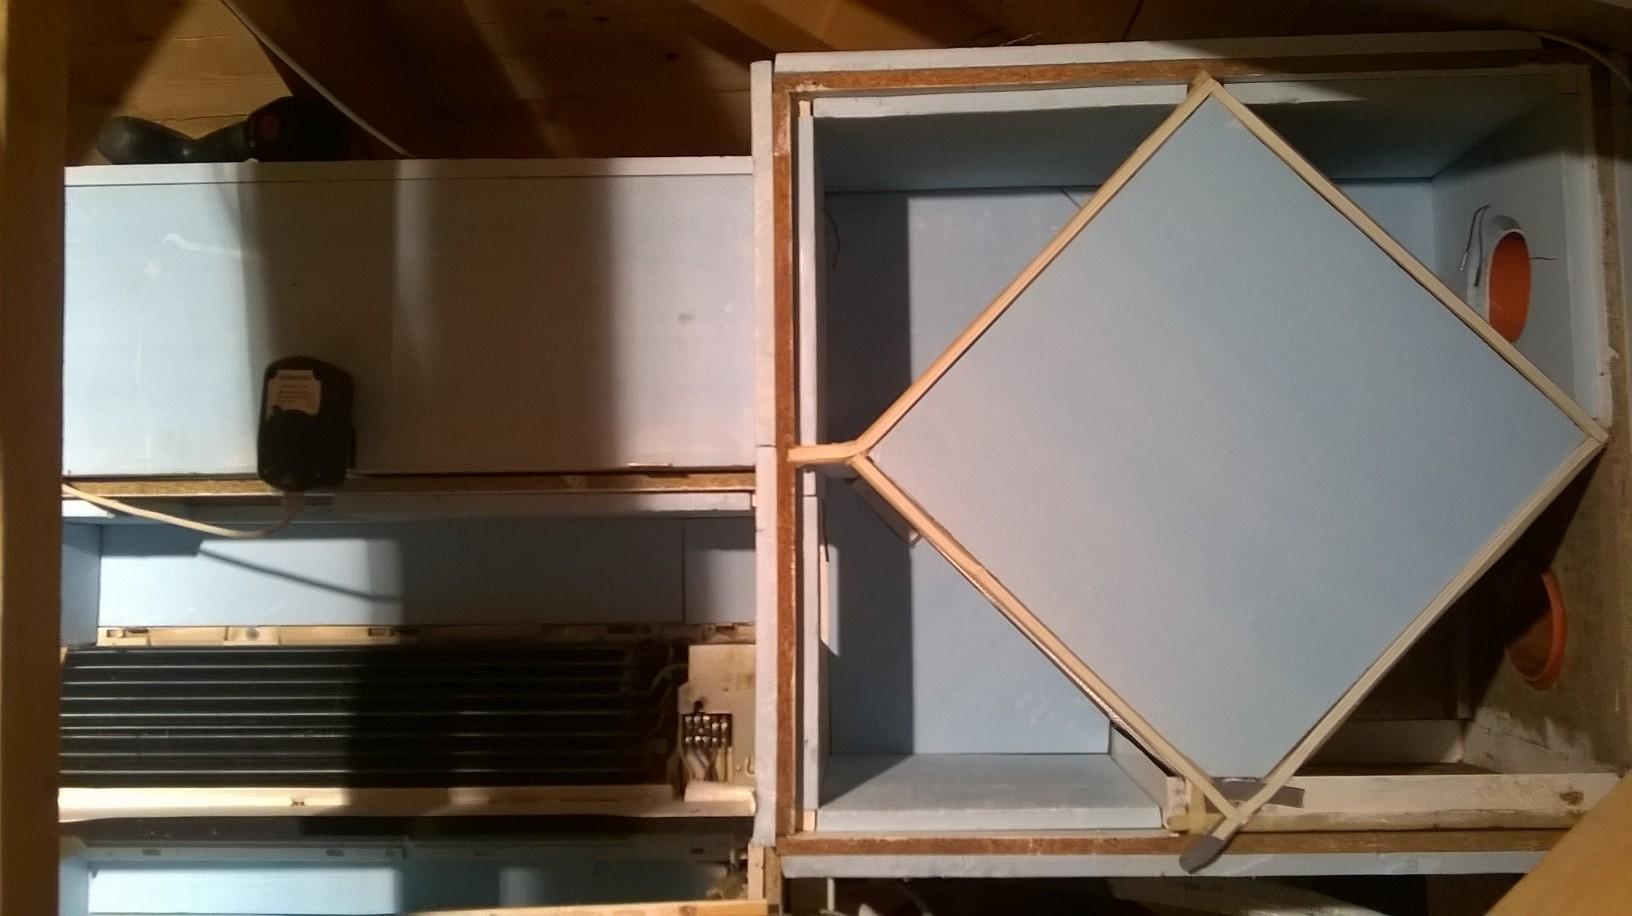 Recuperatore di calore fai da te pagina 1 casa energetica - Scambiatori di calore aria aria casa ...